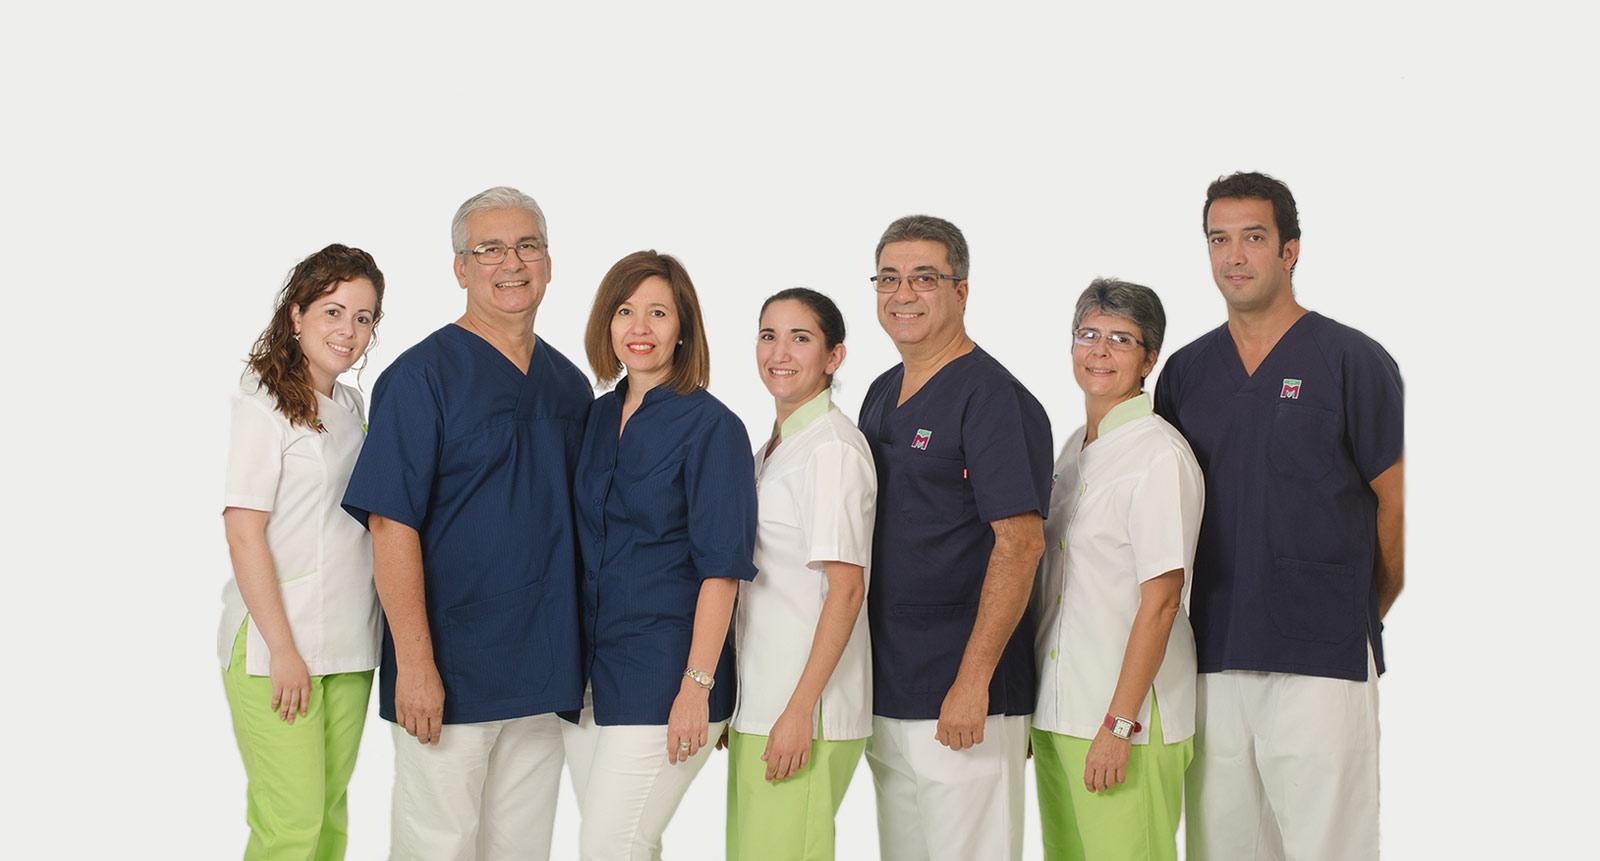 equipo-humano-clinica-dental-tomas-meza2